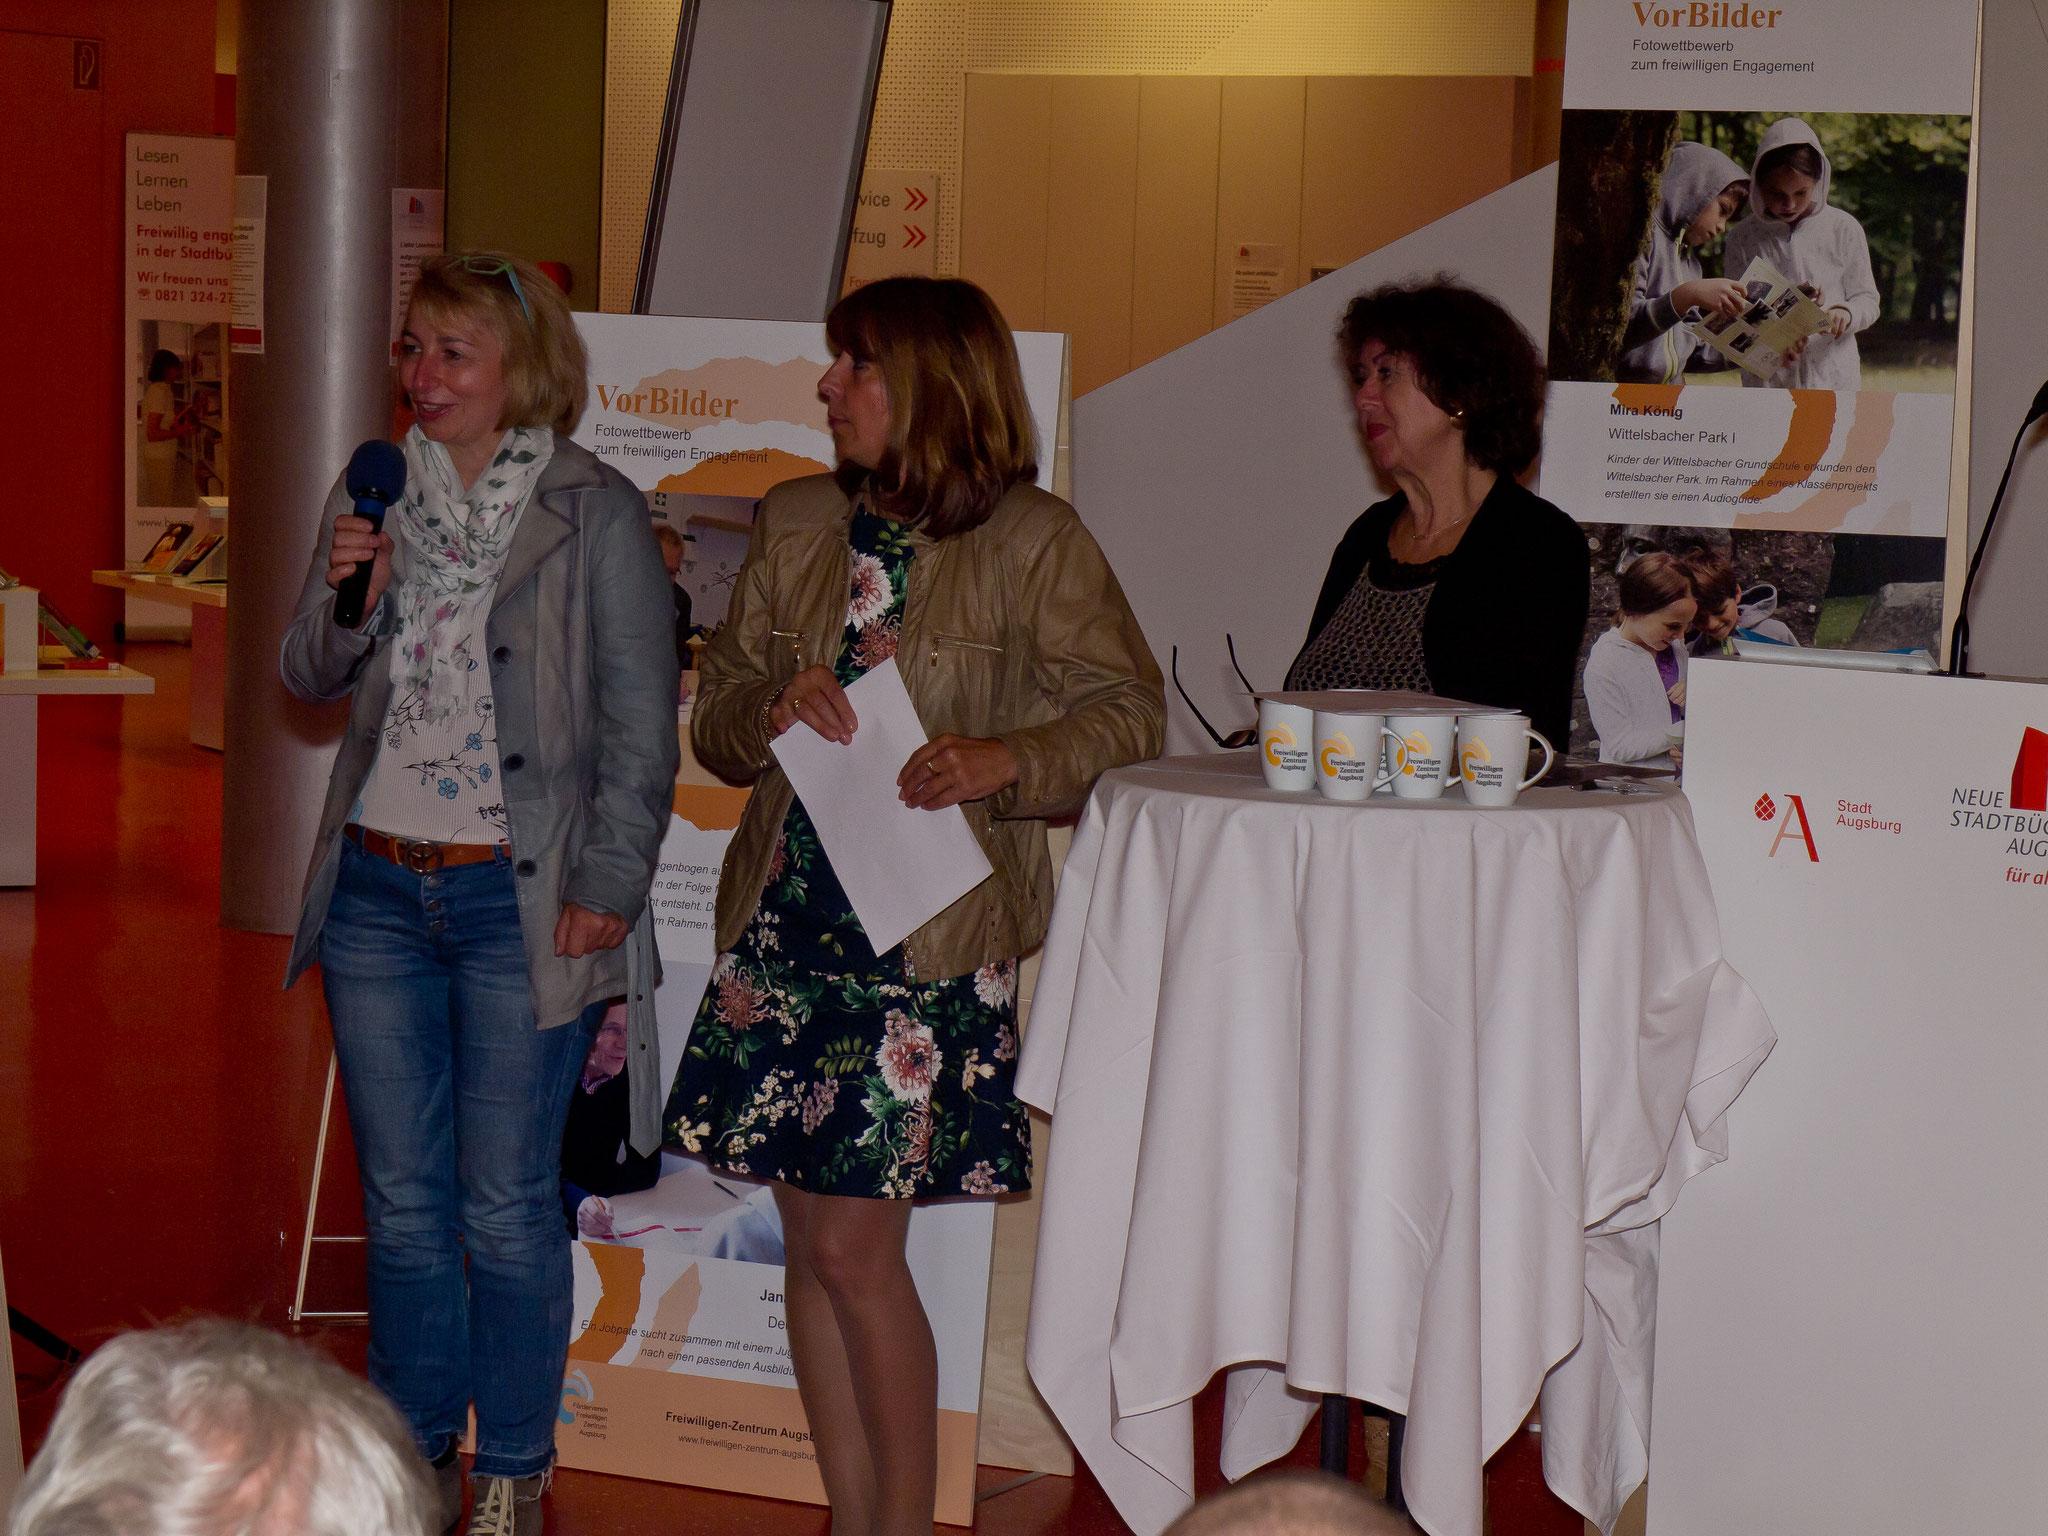 VorBilder Vernissage Stadtbücherei Augsburg 14.09.17 - Freiwilligen-Zentrum Augsburg - Foto: Robert Hösle